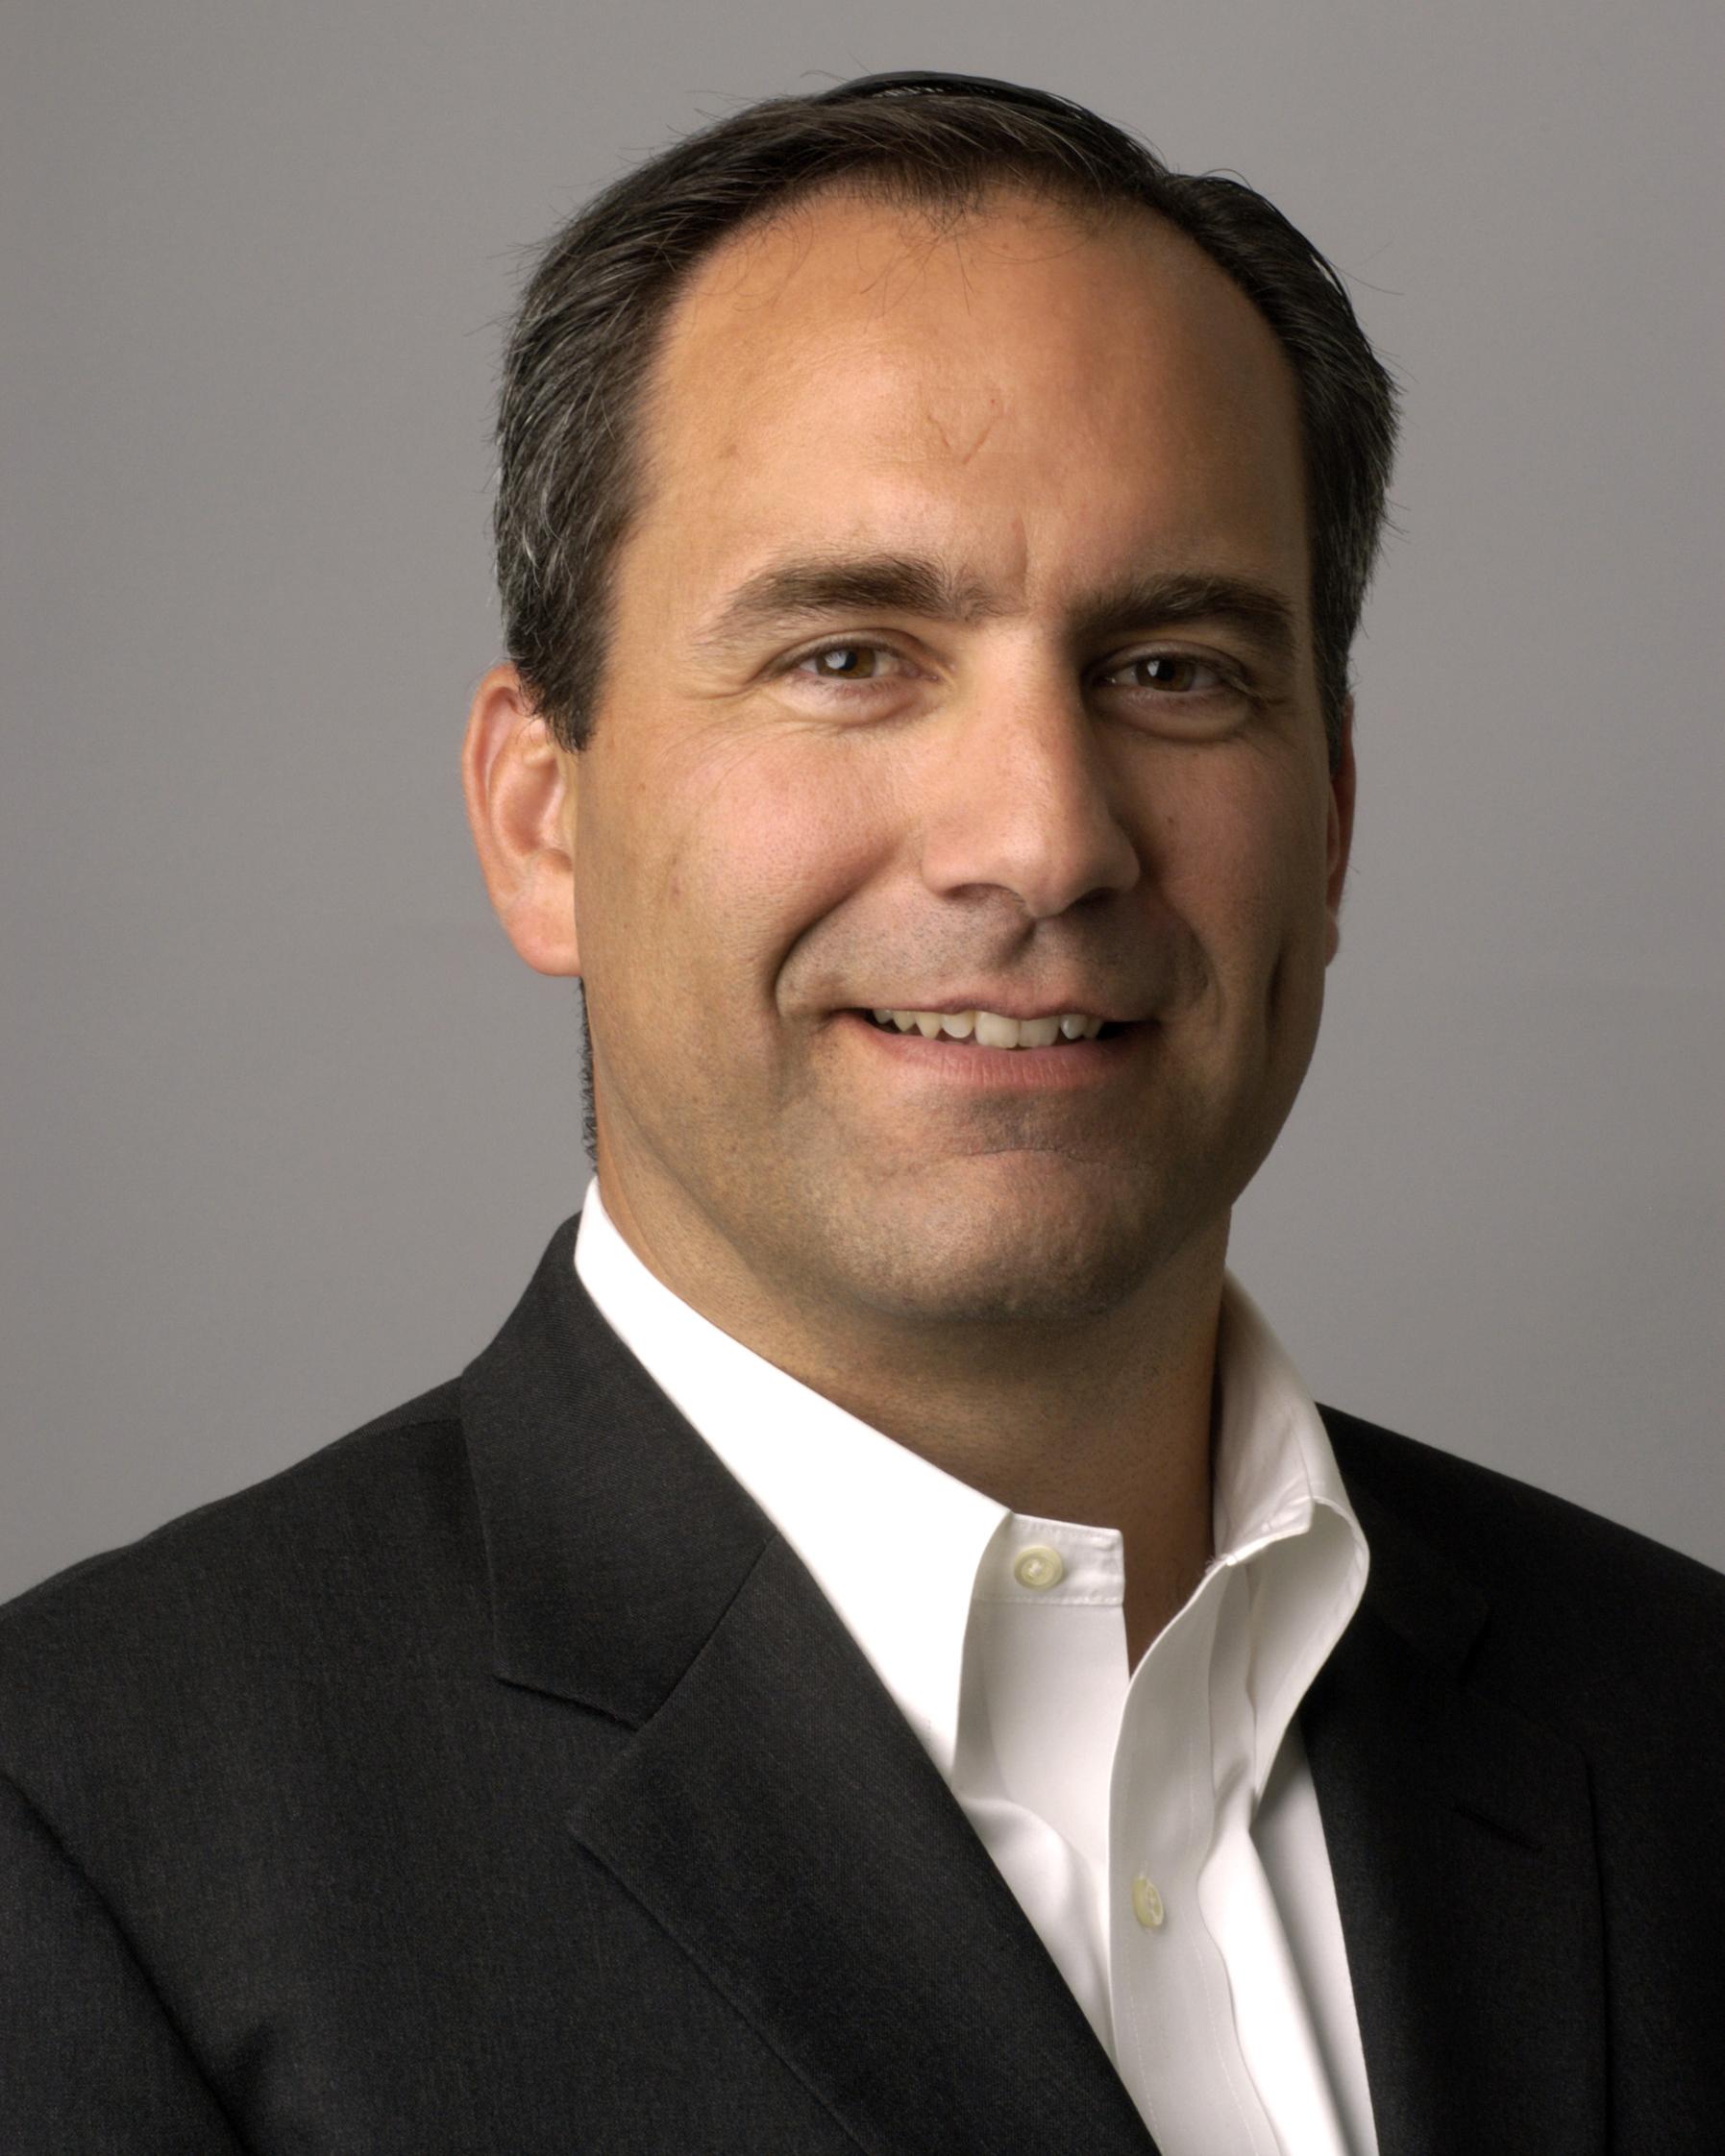 John Del  Santo, Accenture